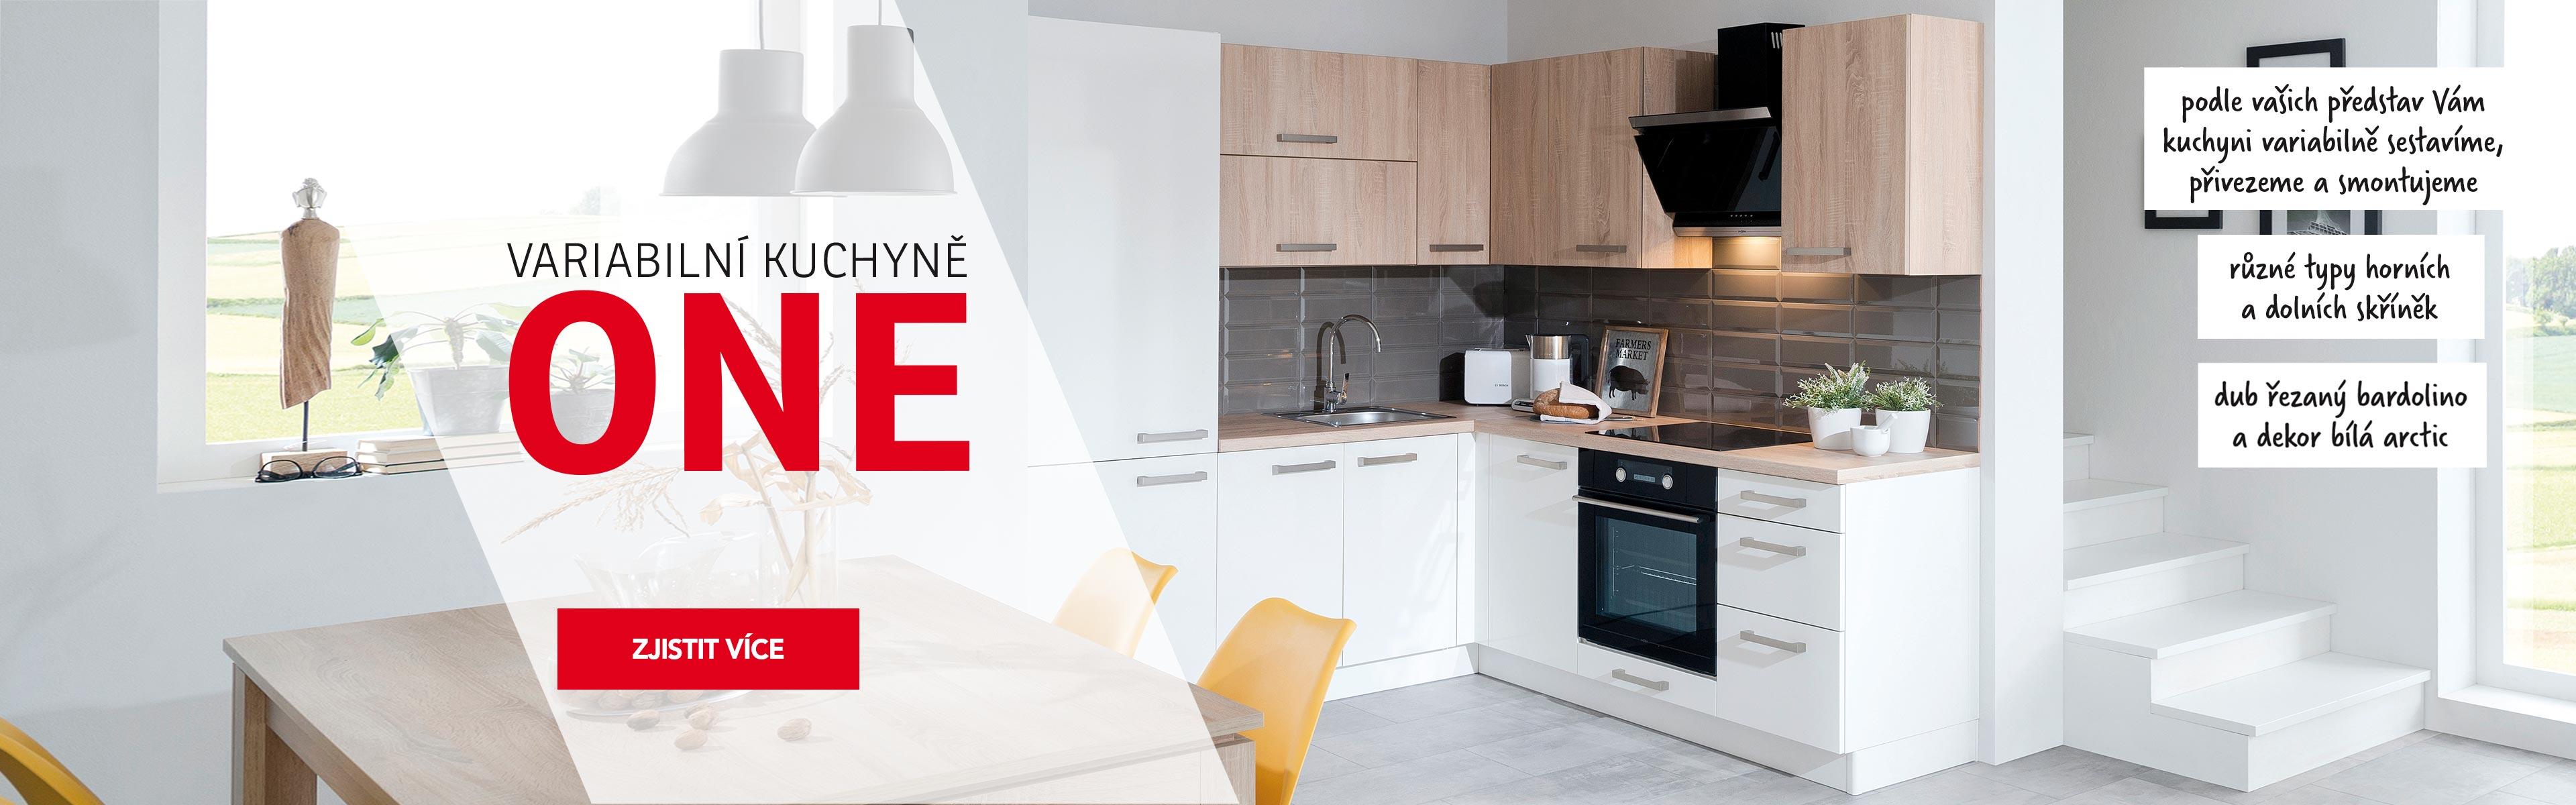 Kuchyně řada Sline 2021